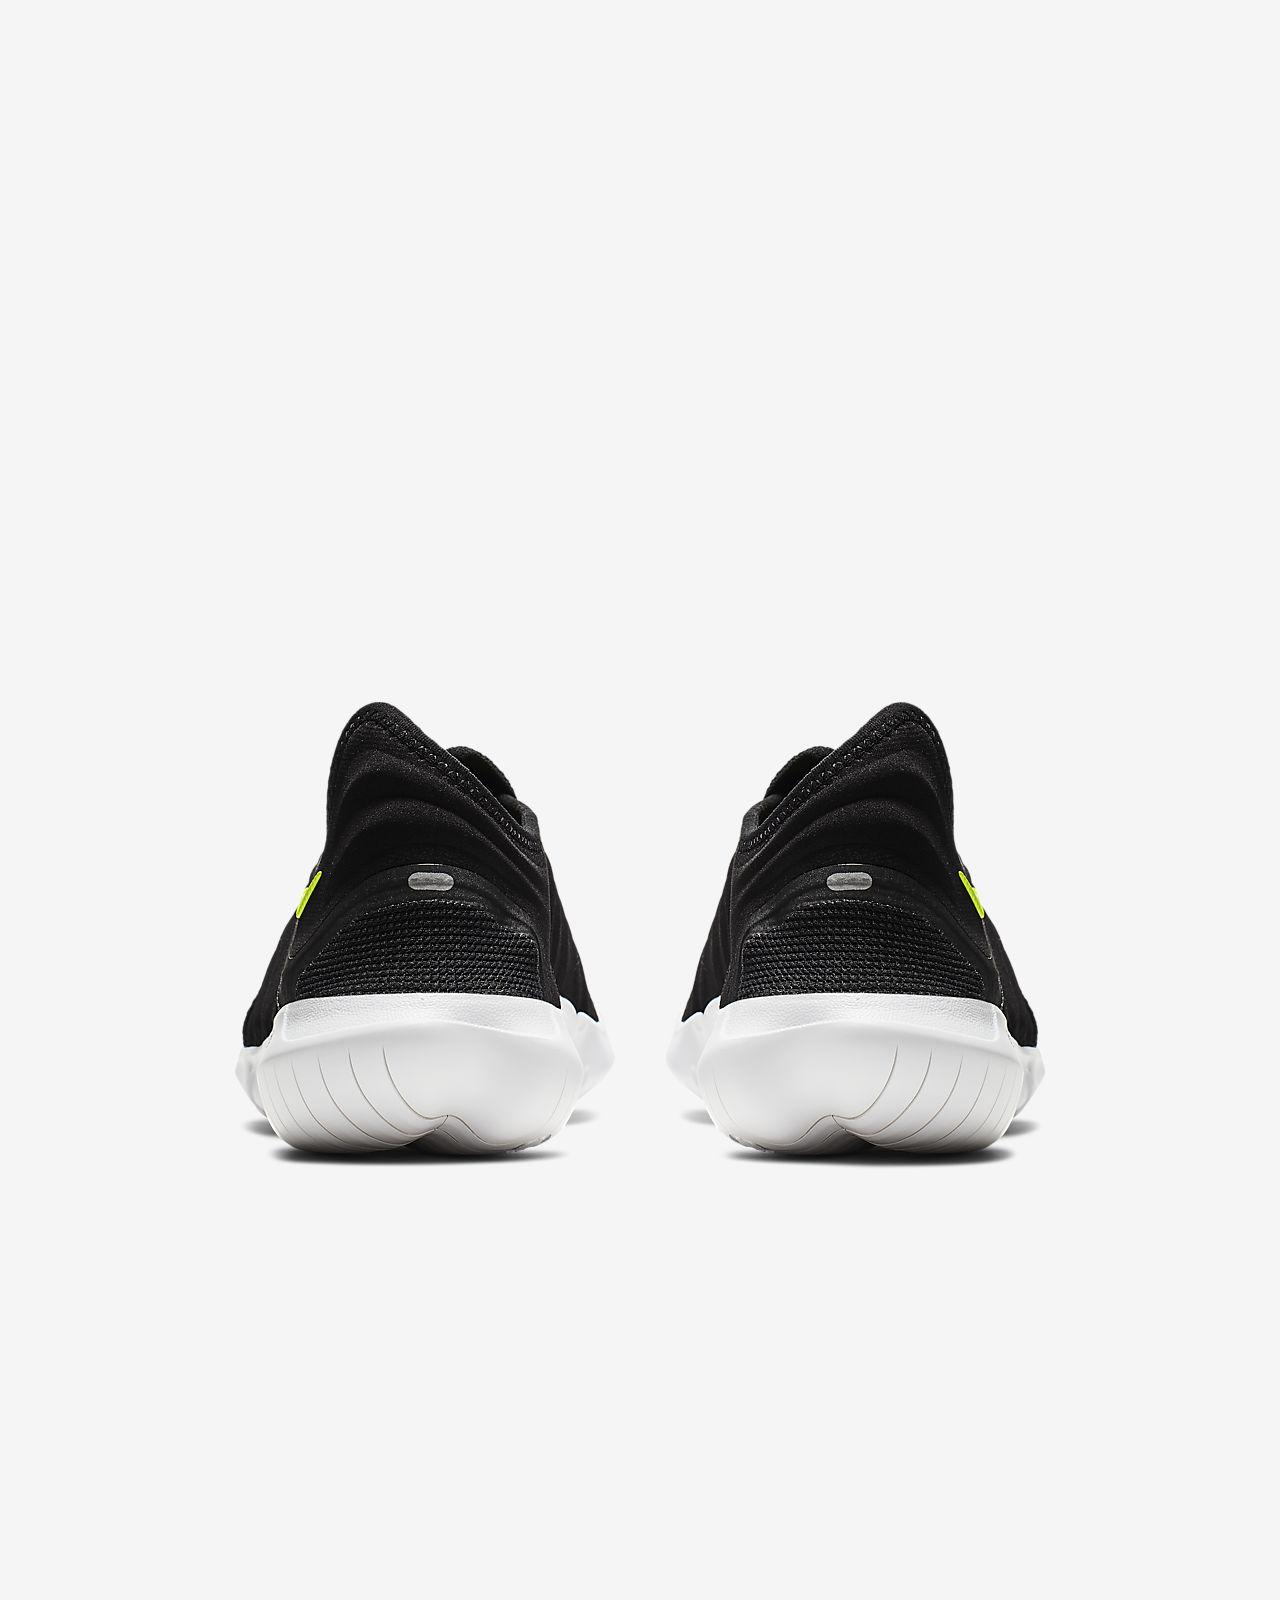 46c585eed57 Nike Free RN Flyknit 3.0 Men s Running Shoe. Nike.com LU